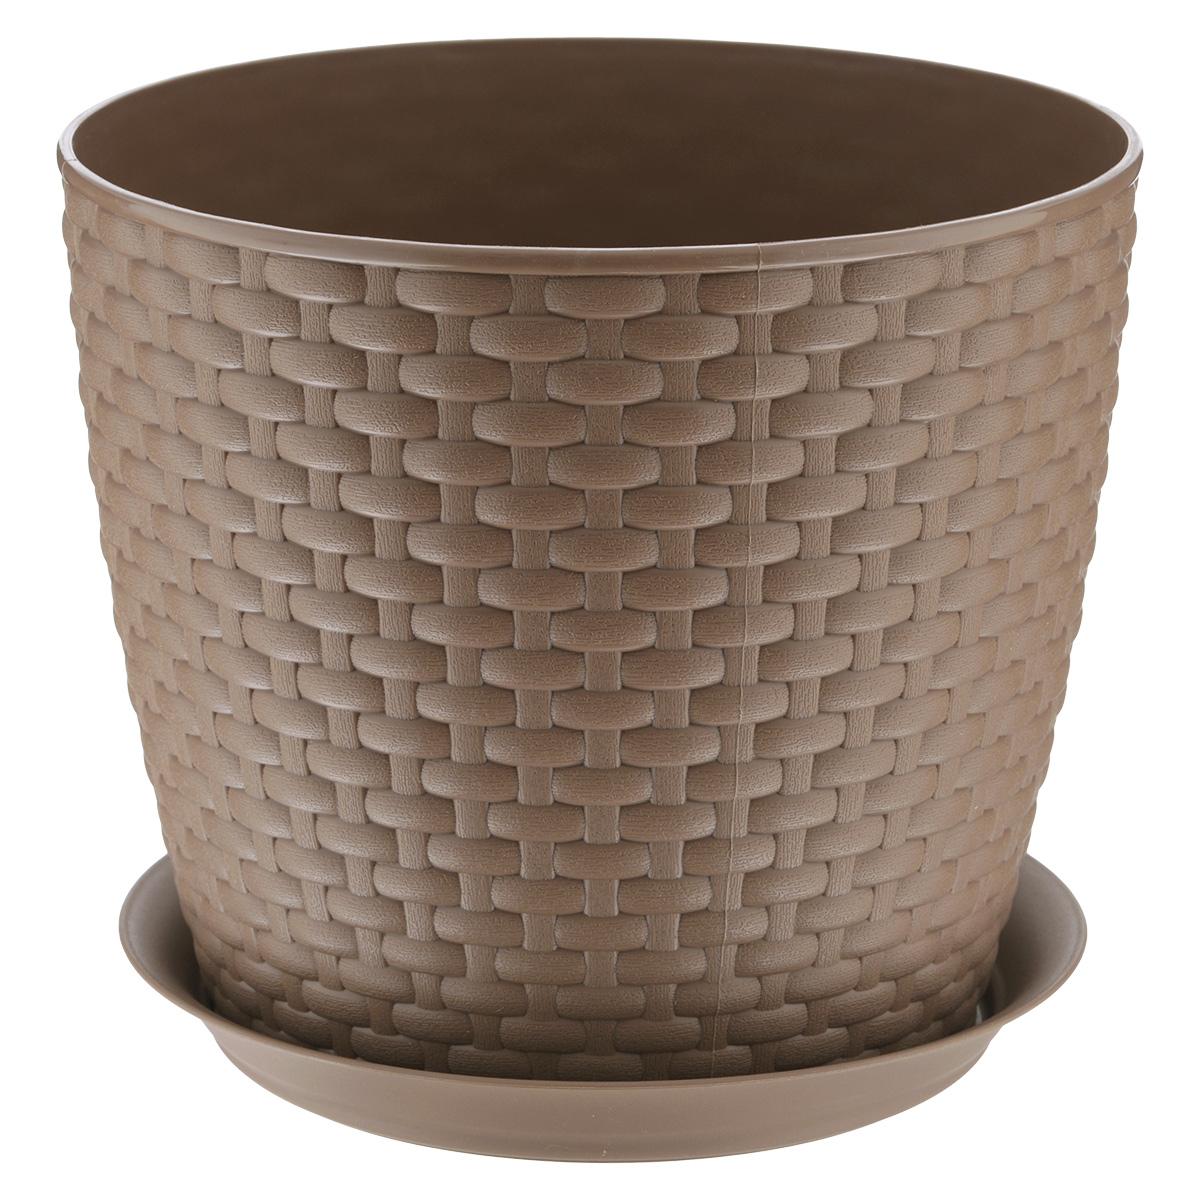 Кашпо Idea Ротанг, с поддоном, цвет: бежевый, 1 лМ 3080Кашпо Idea Ротанг изготовлено из высококачественного пластика. Специальный поддон предназначен для стока воды. Изделие прекрасно подходит для выращивания растений и цветов в домашних условиях. Лаконичный дизайн впишется в интерьер любого помещения. Диаметр поддона: 13 см. Объем кашпо: 1 л. Диаметр кашпо по верхнему краю: 13 см. Высота кашпо: 11,5 см.